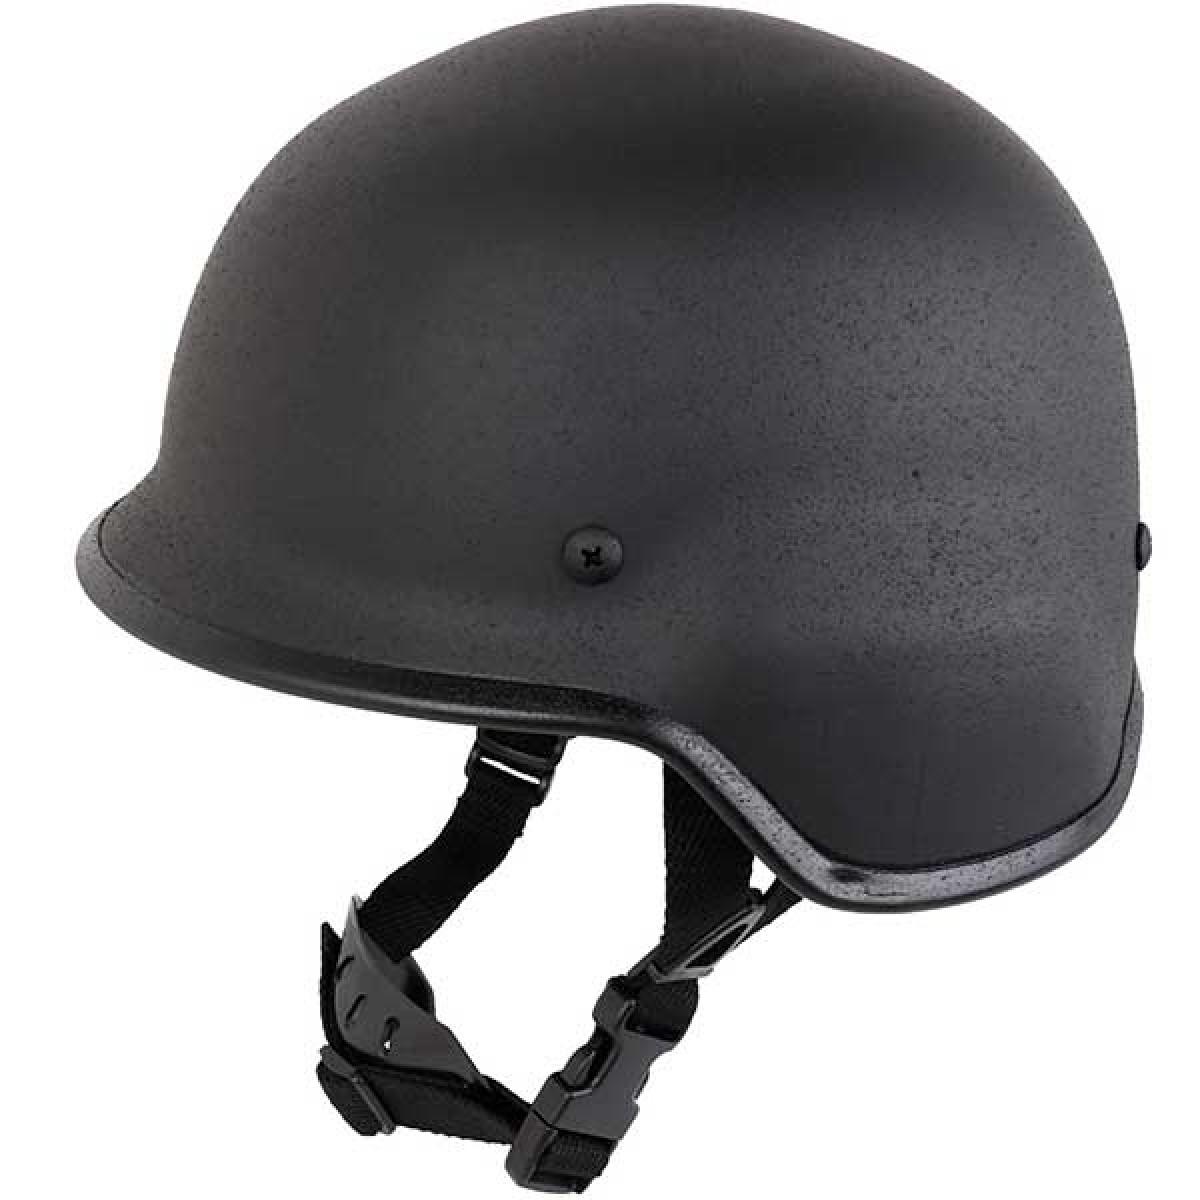 SHENKEL M88 PASGTタイプ スチール製 フリッツヘルメット (BK ブラック) フリーサイズ 鉄製 米軍 黒 ミリタリー サバゲー サバイバルゲーム 単品